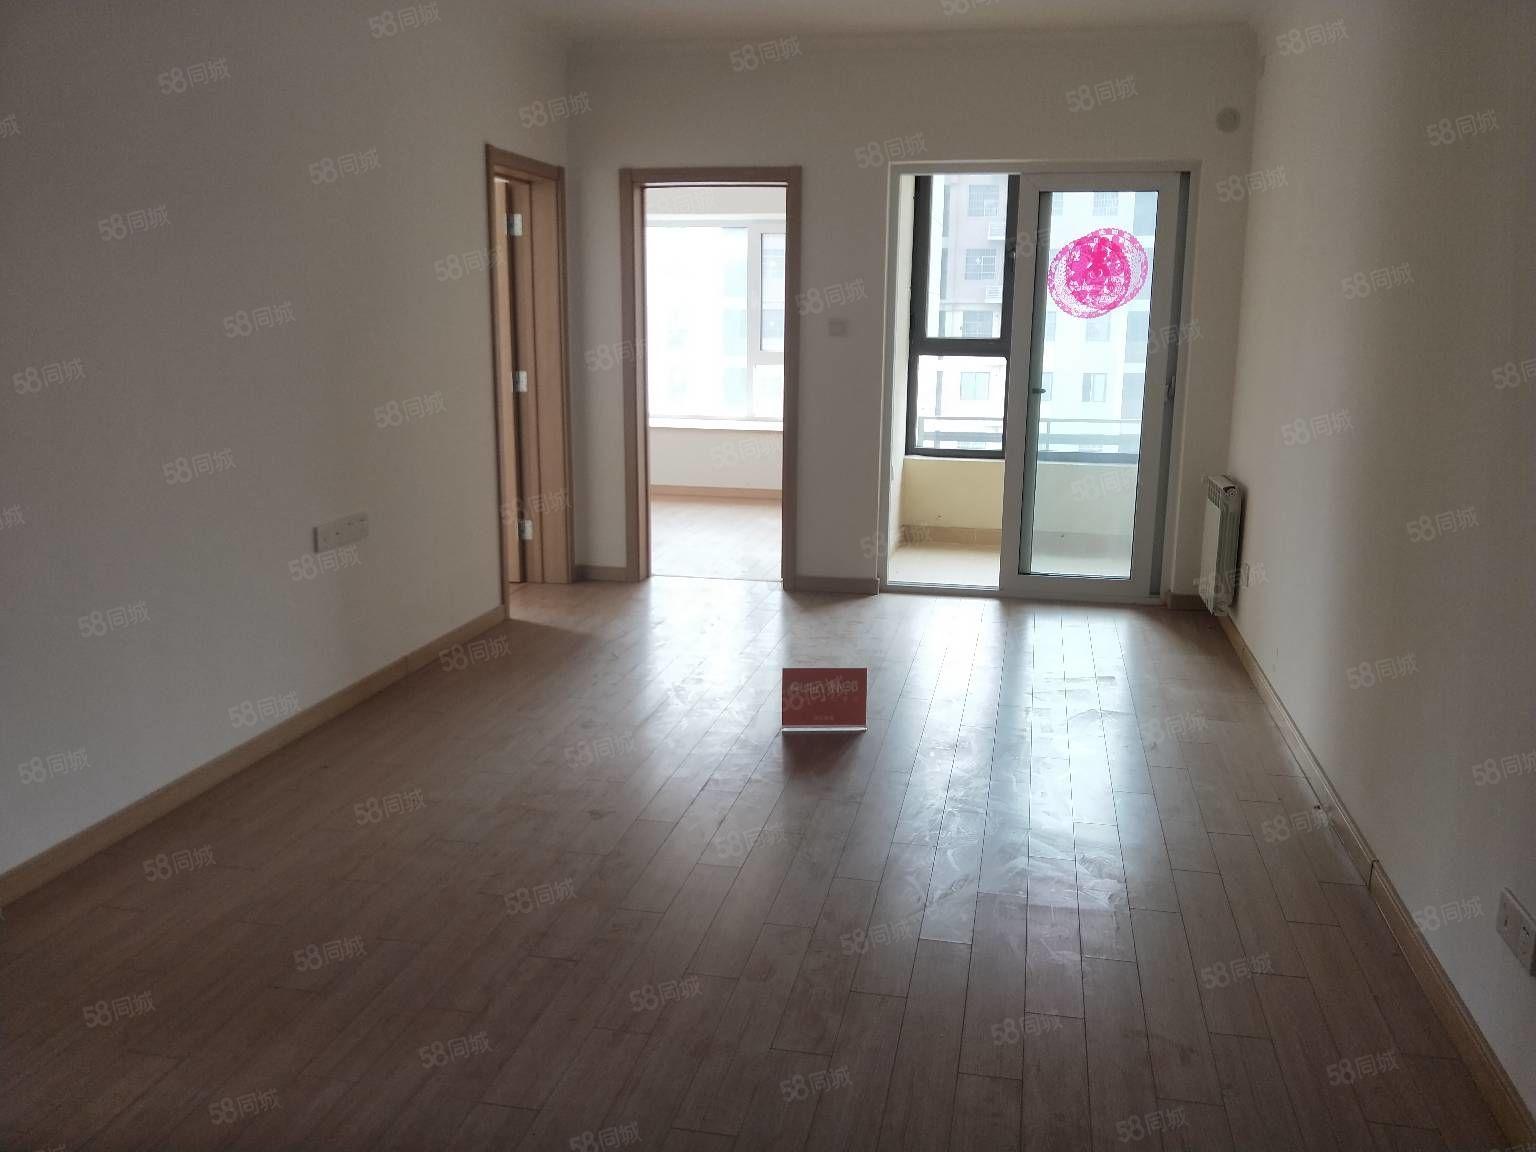 万科一期精装三房,有封阳台,便宜皇家赛车,近地铁口,看房方便